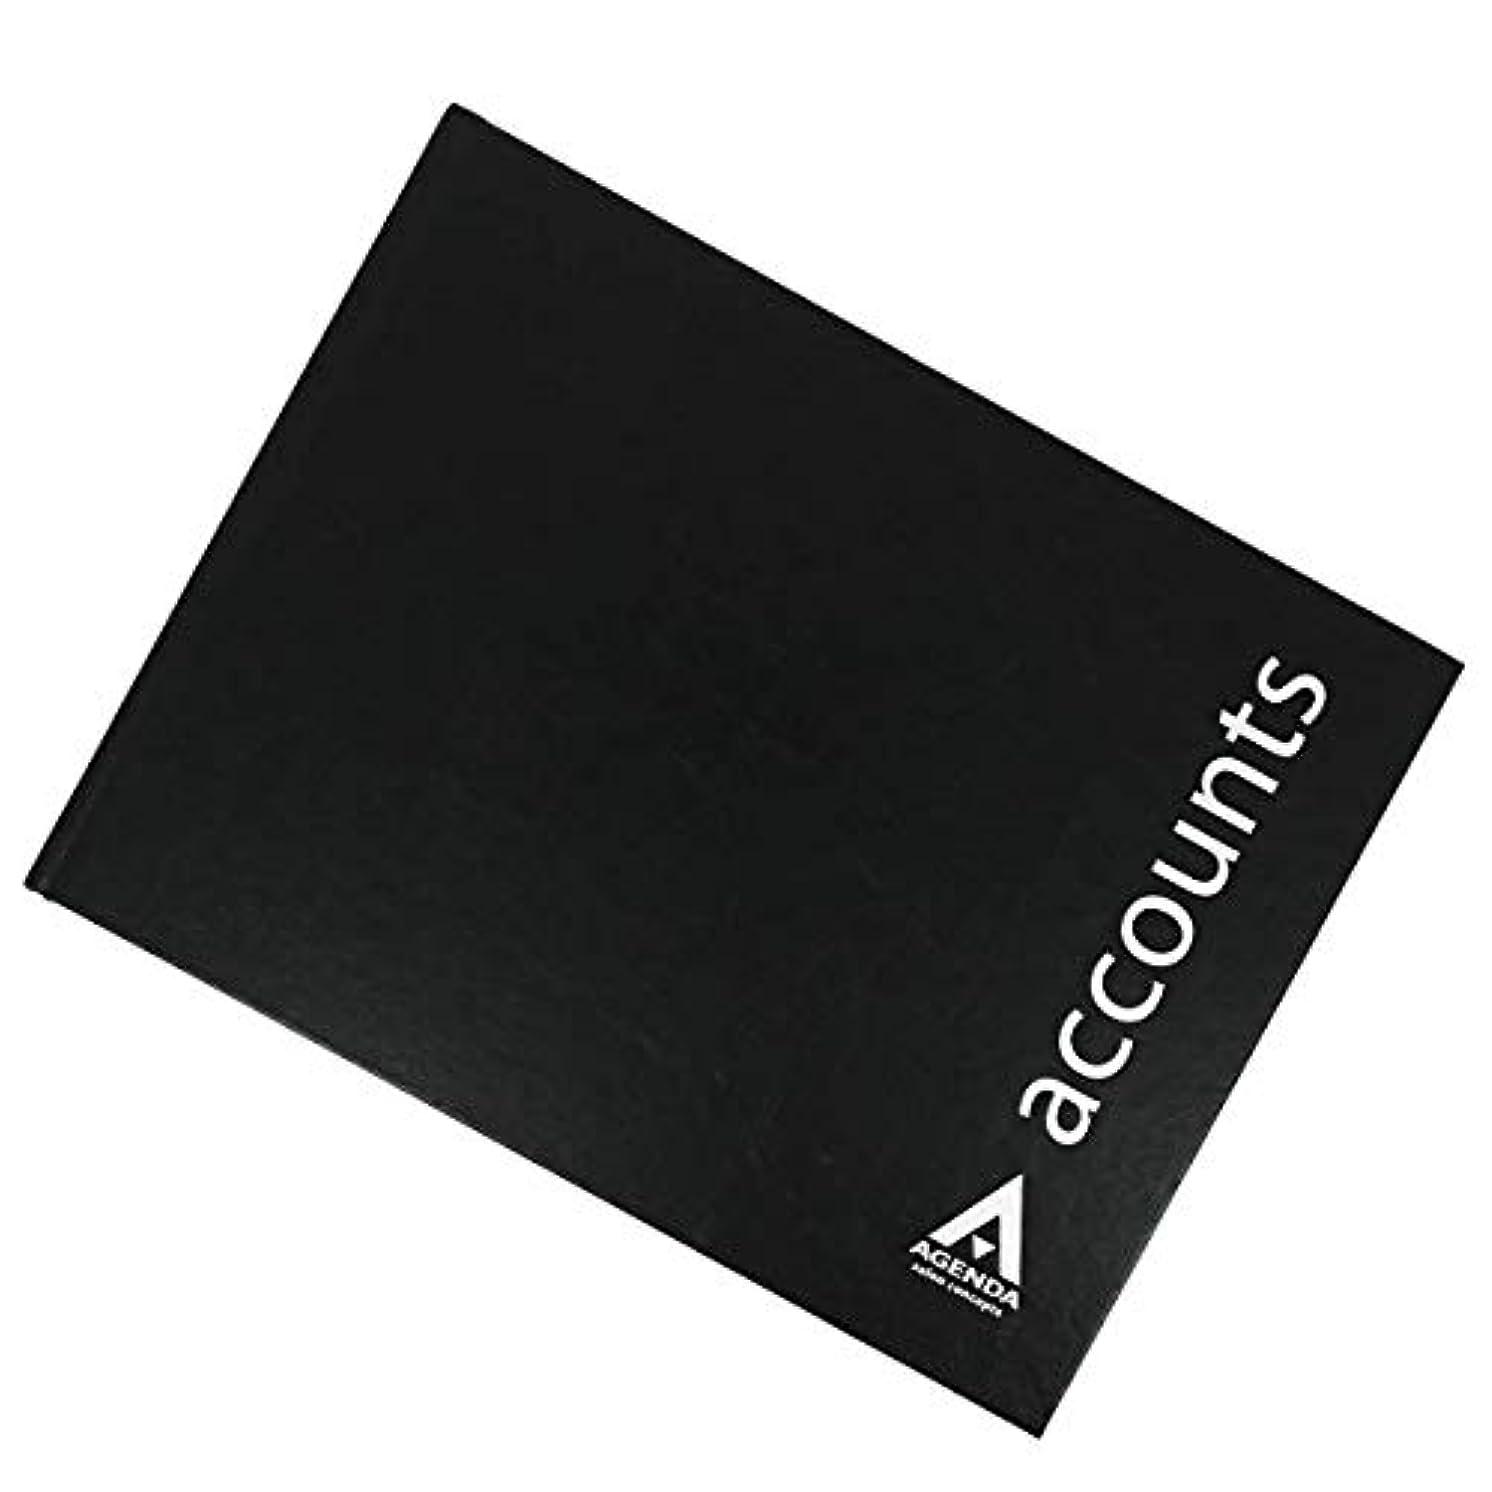 雇った提案するトリッキーアジェンダ サロンコンセプト サロンアカウントブック(60ページ)[海外直送品] [並行輸入品]